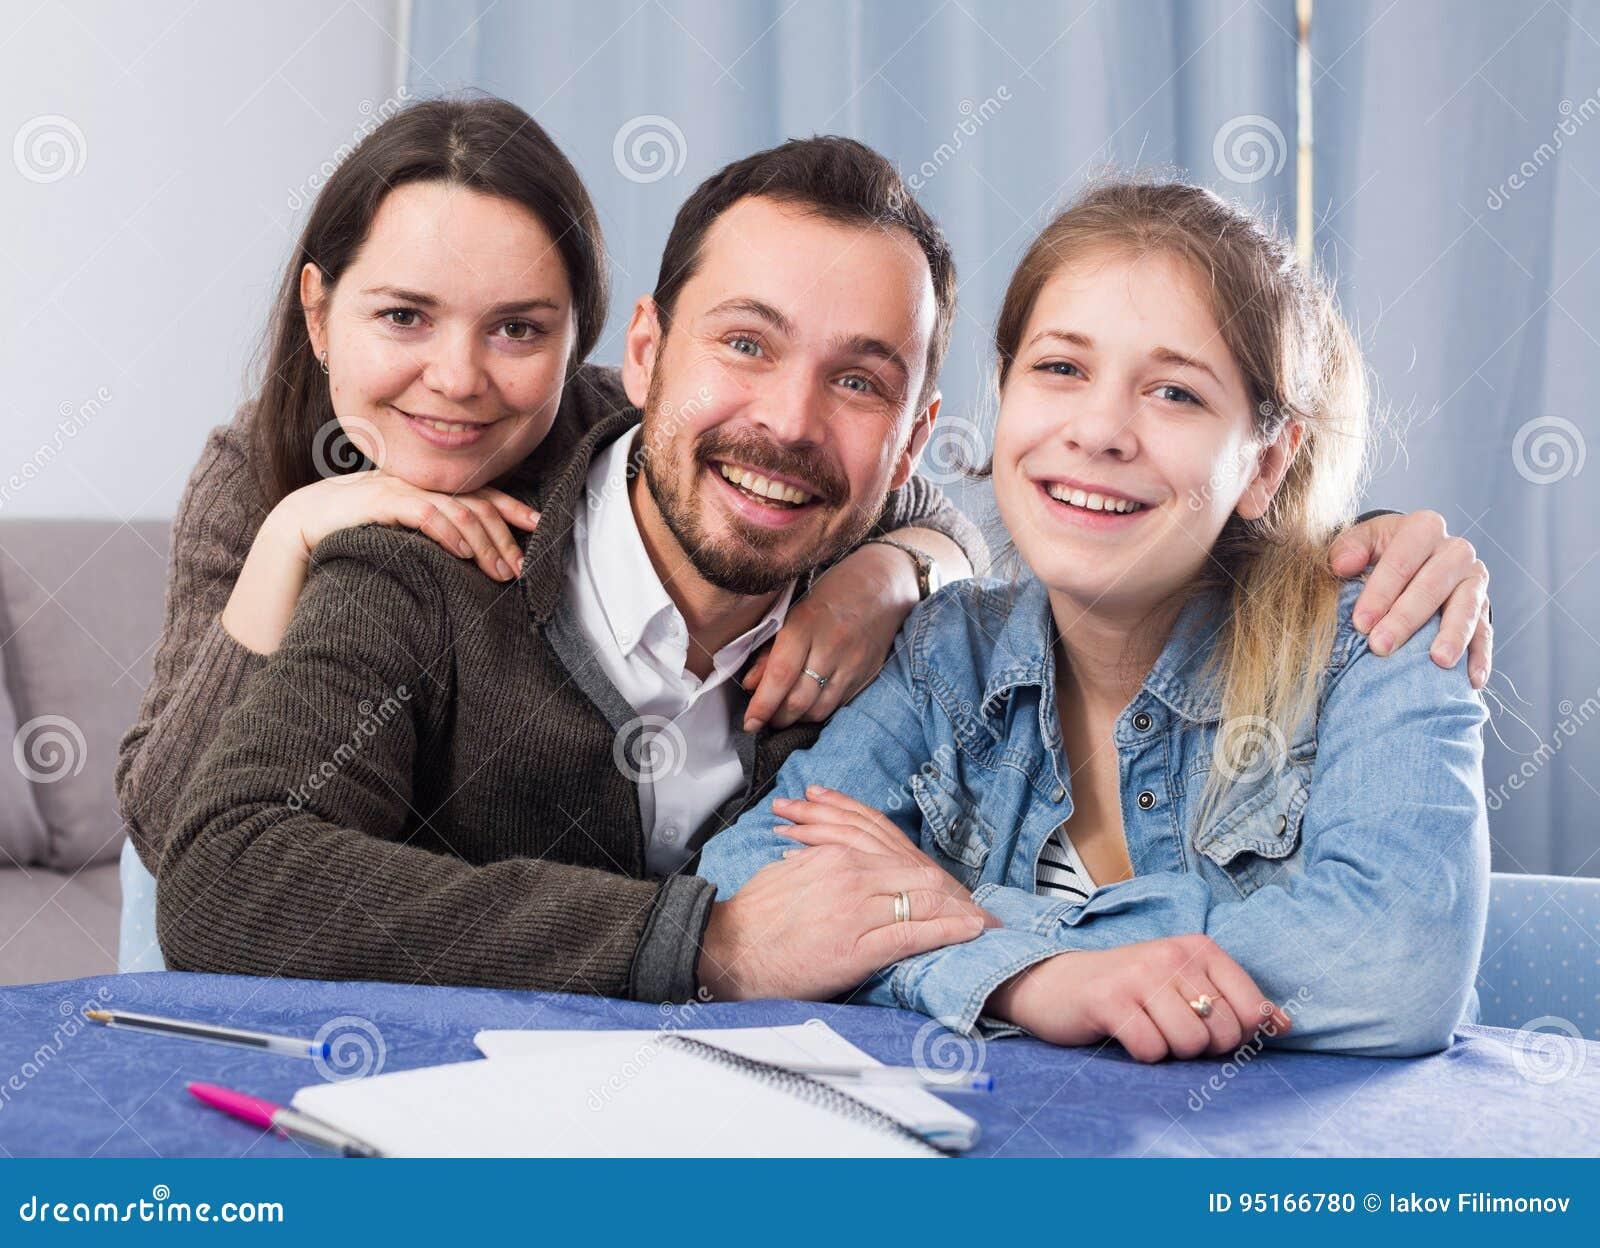 Parents a la hija de ayuda con la preparación